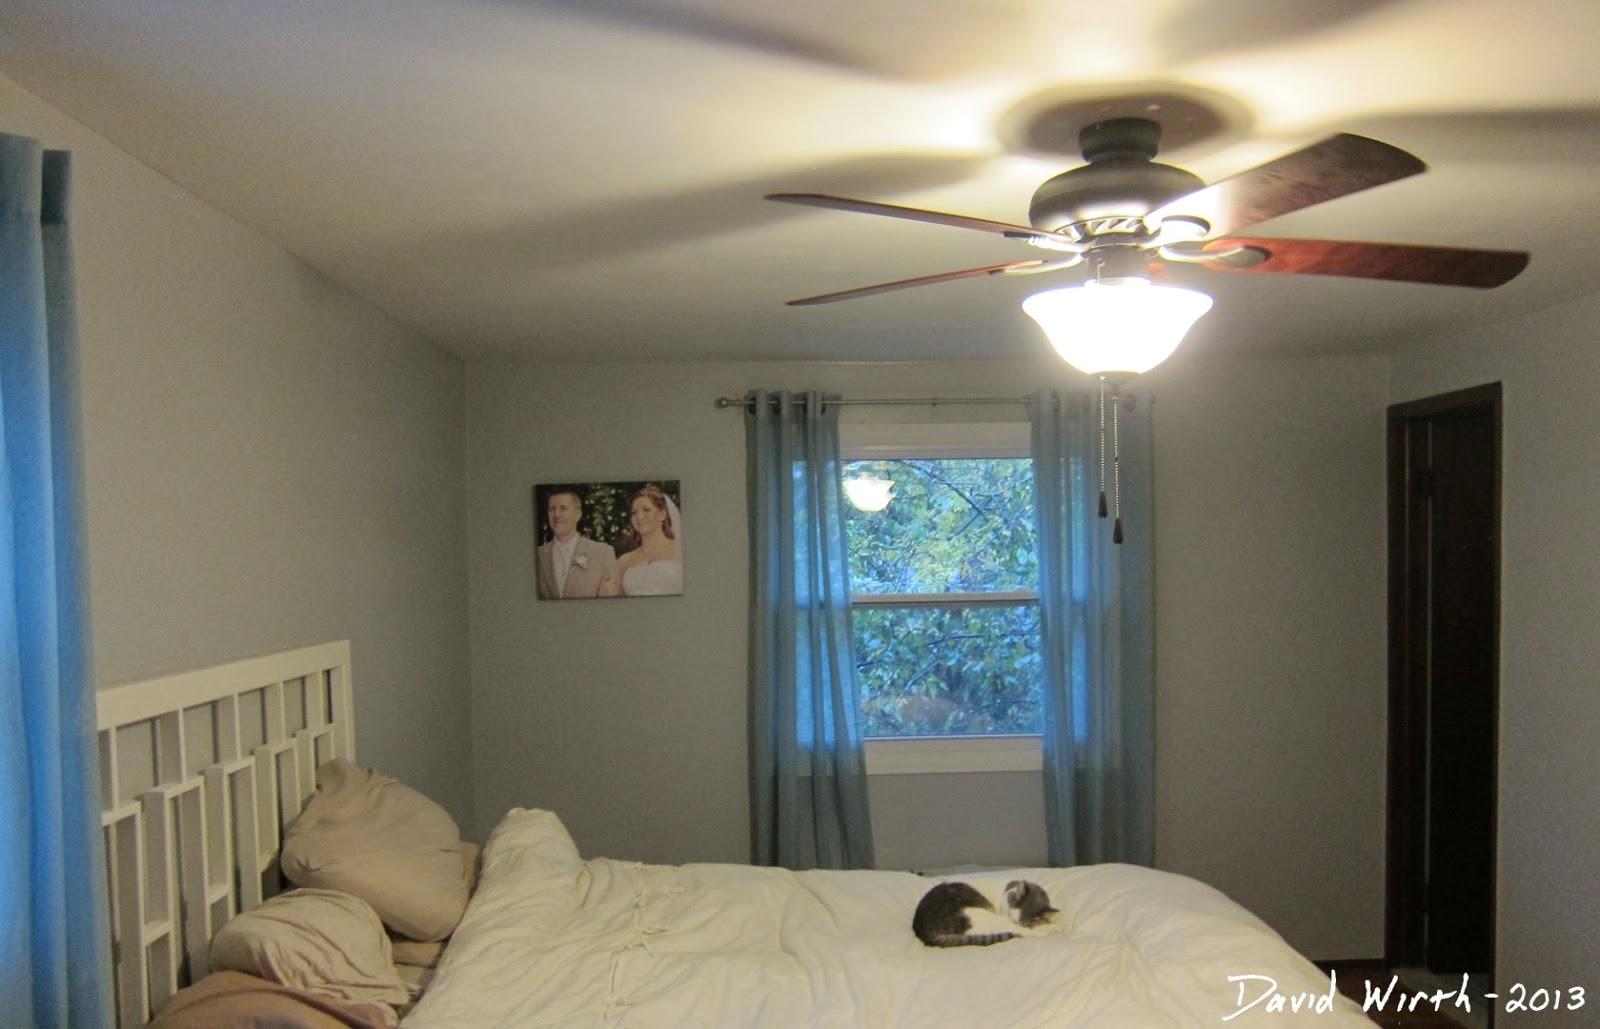 New Ceiling Fan In Bedroom, Size Of Fan In Room, Space, Size,